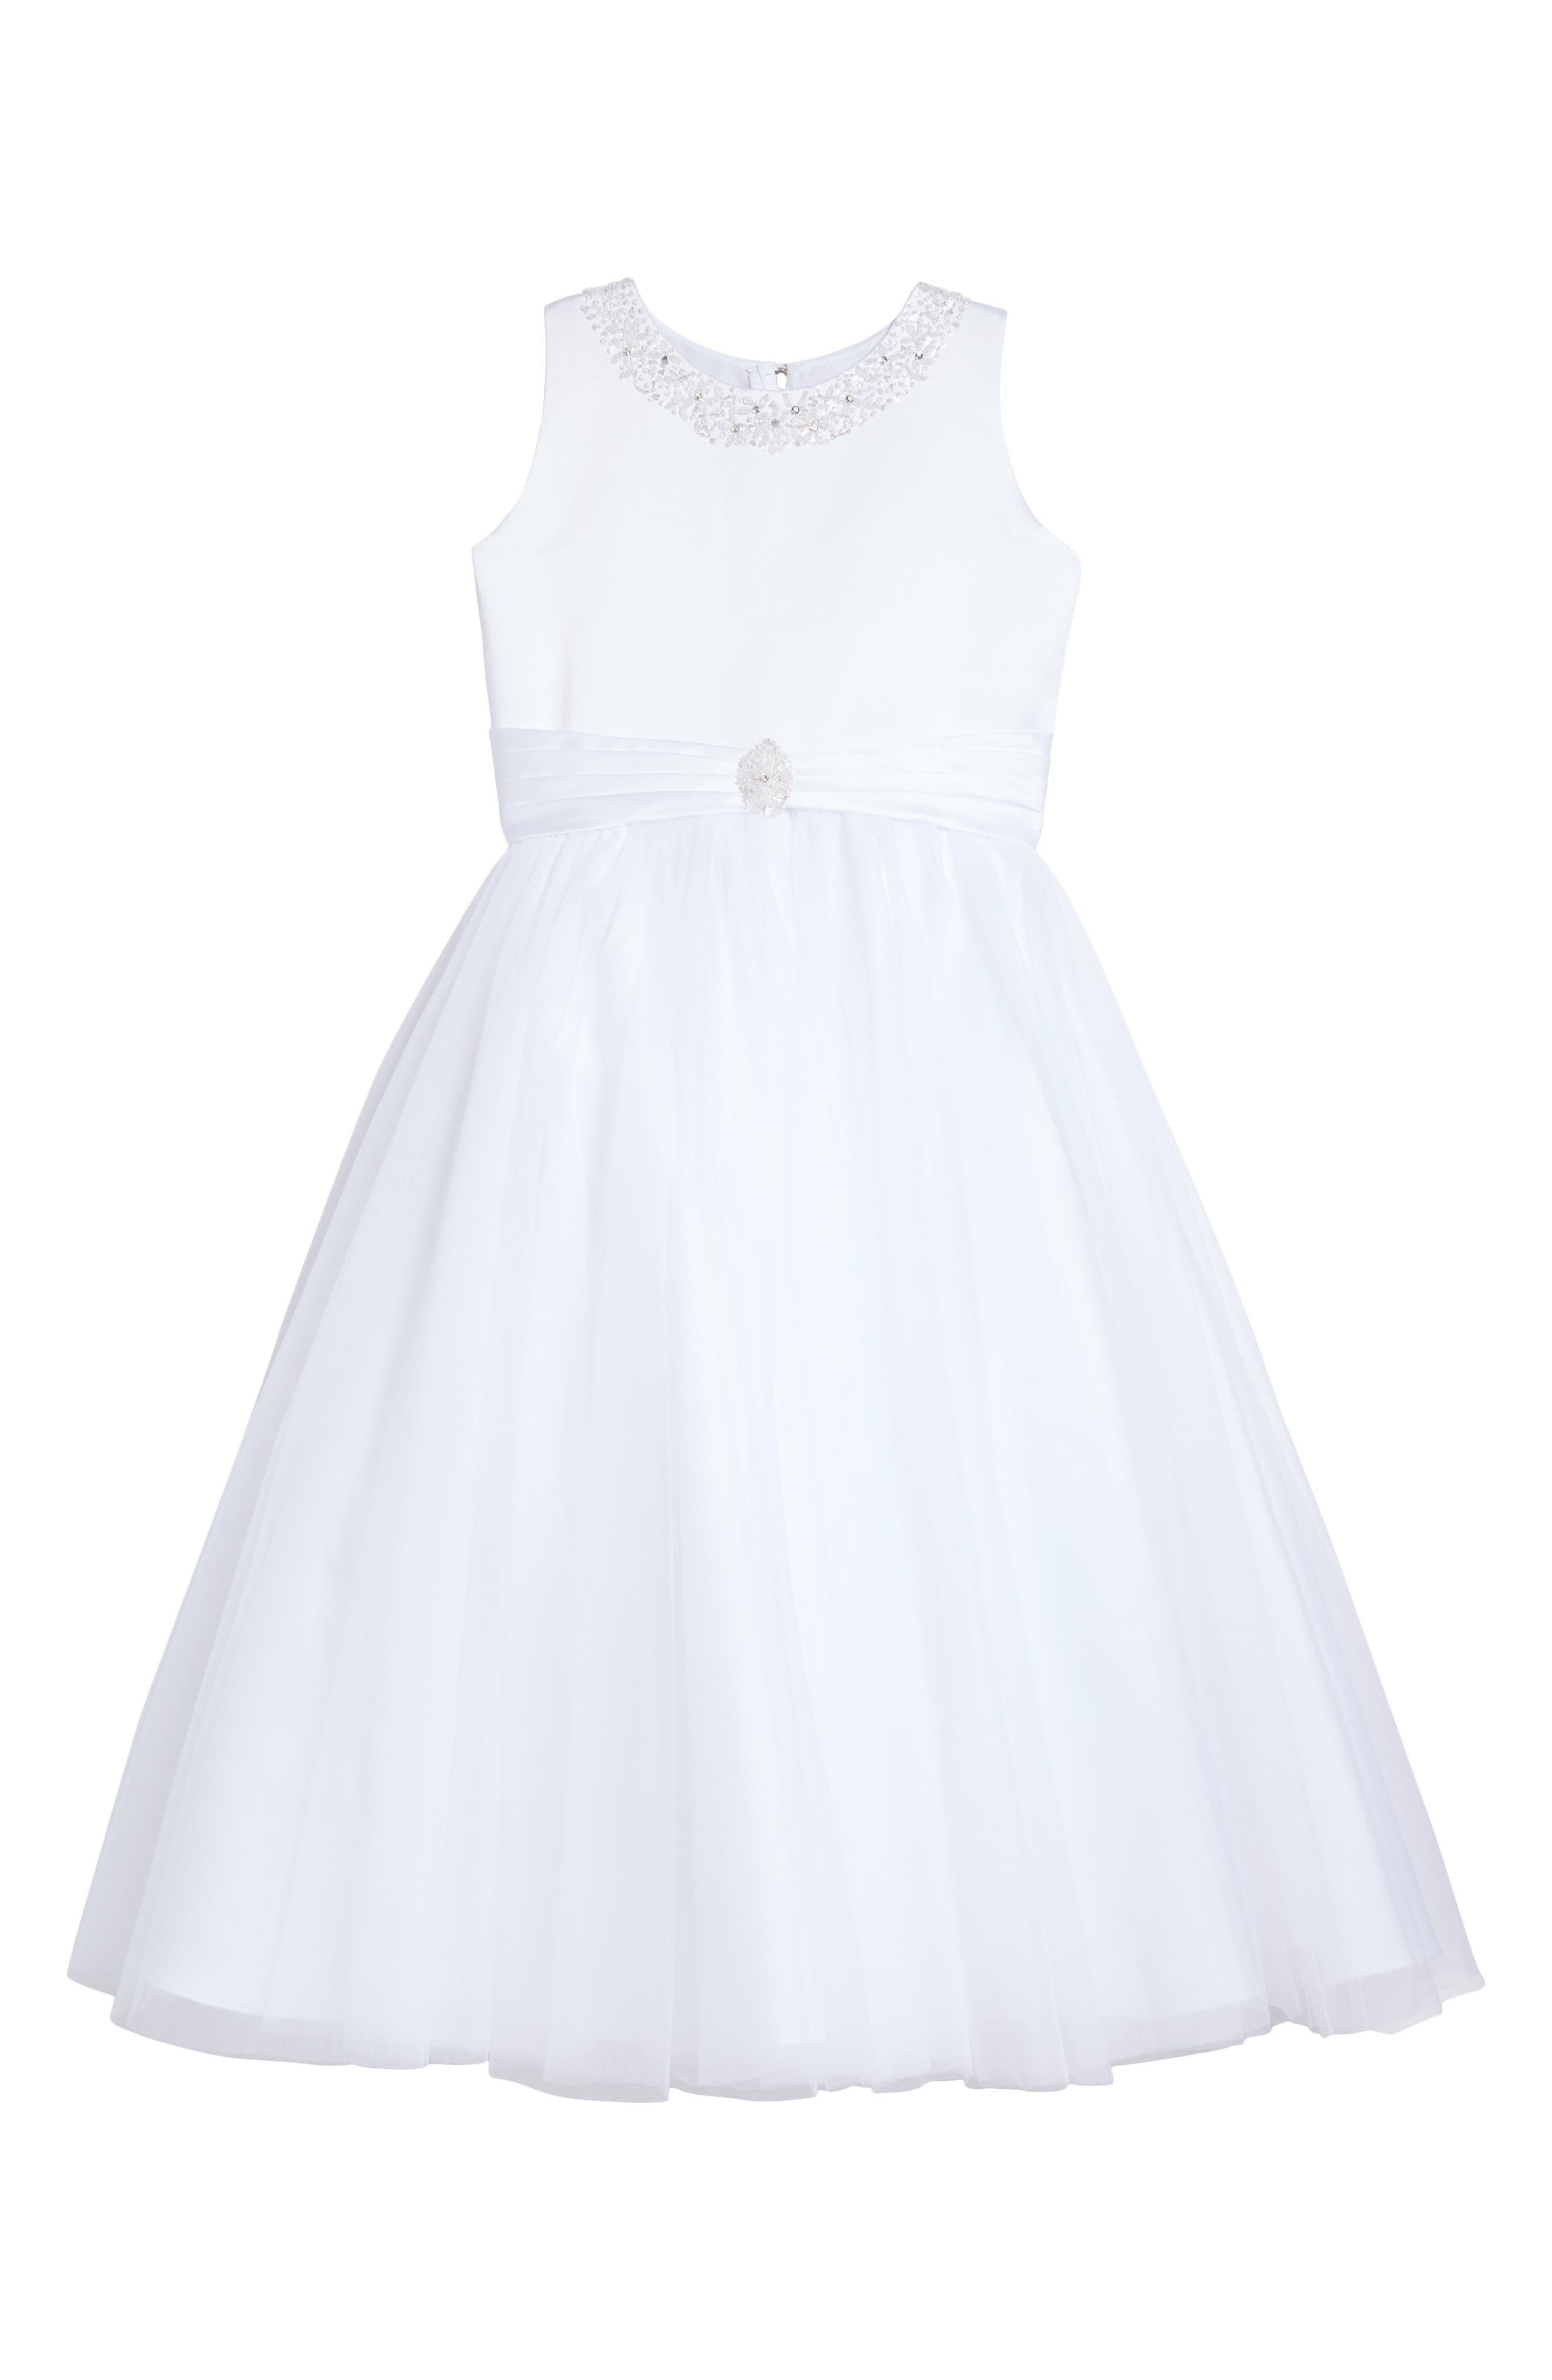 Alternate Image 1 Selected - Joan Calabrese for Mon Cheri Beaded Satin & Tulle First Communion Dress (Toddler Girls, Little Girls & Big Girls)